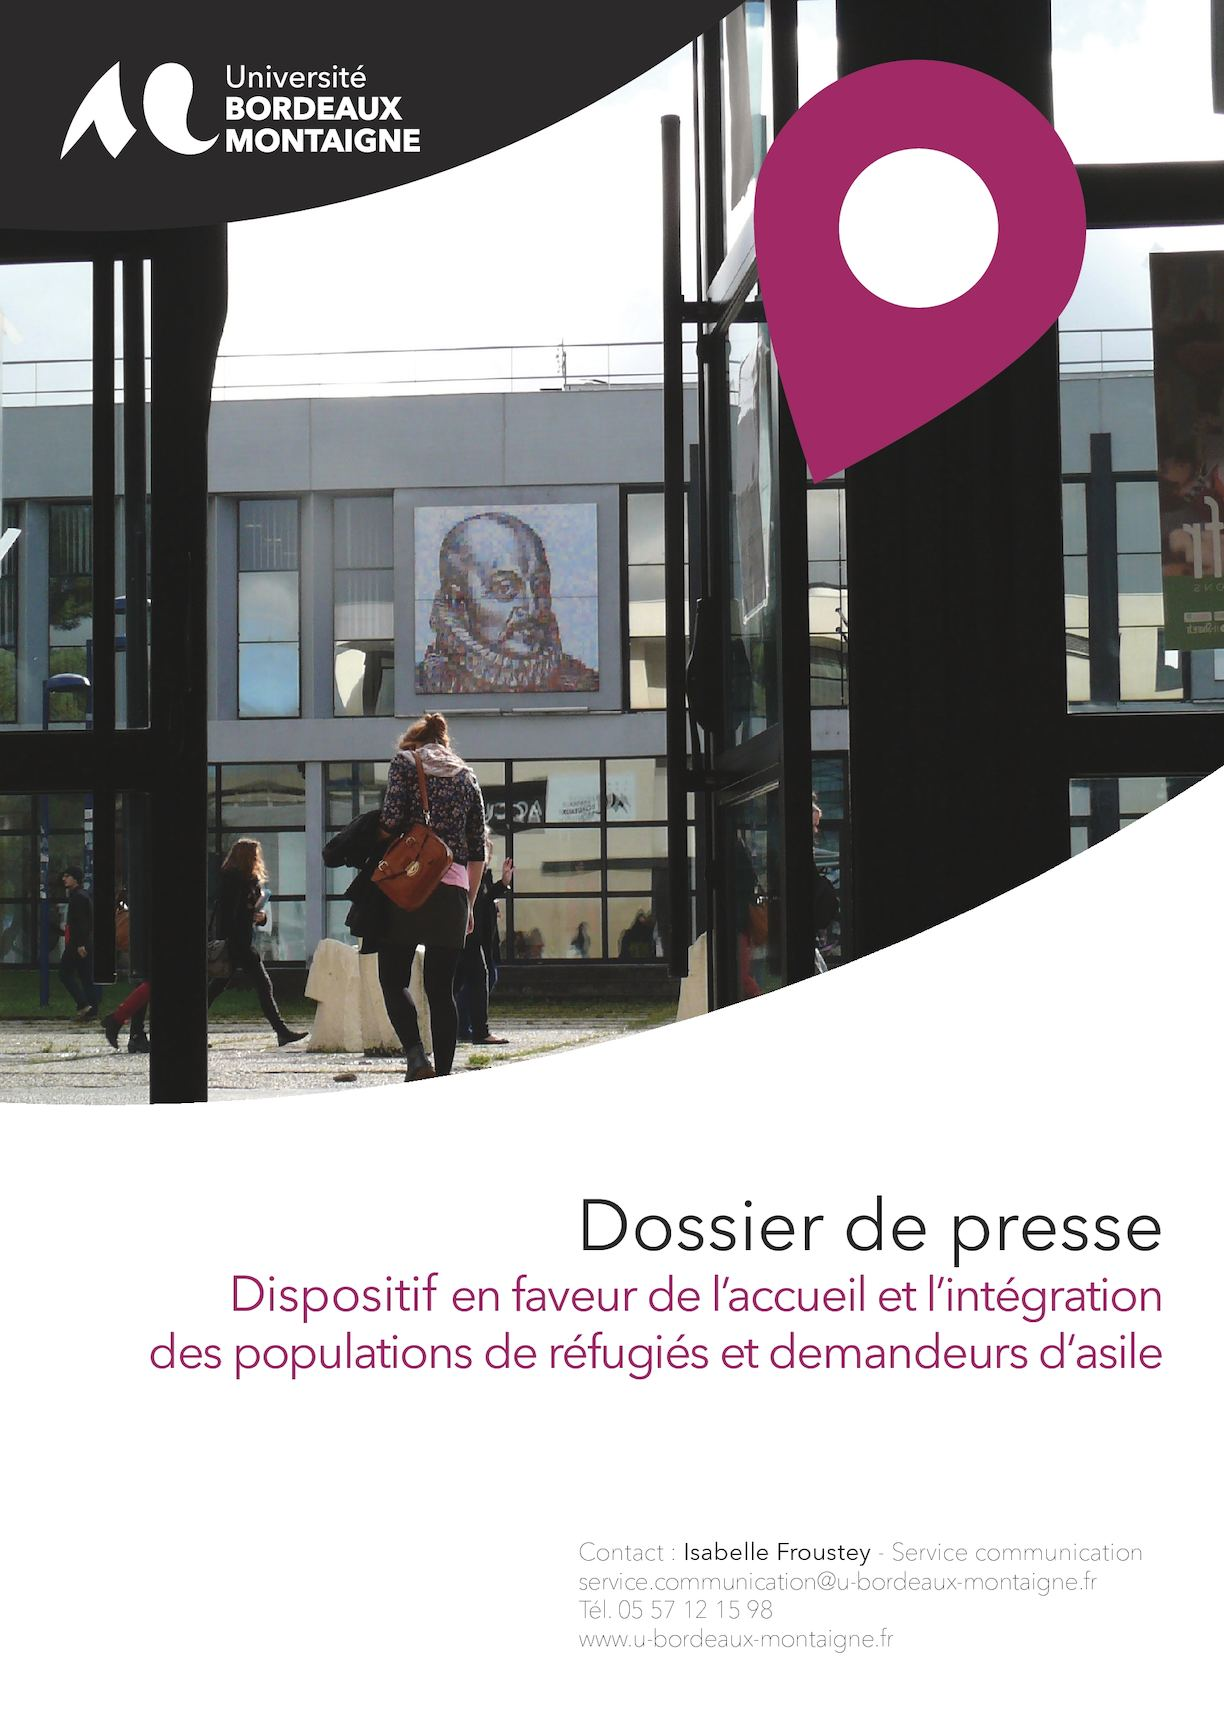 Calendrier Examens Bordeaux Montaigne.Calameo Dossier De Presse Accueil Des Refugies A L